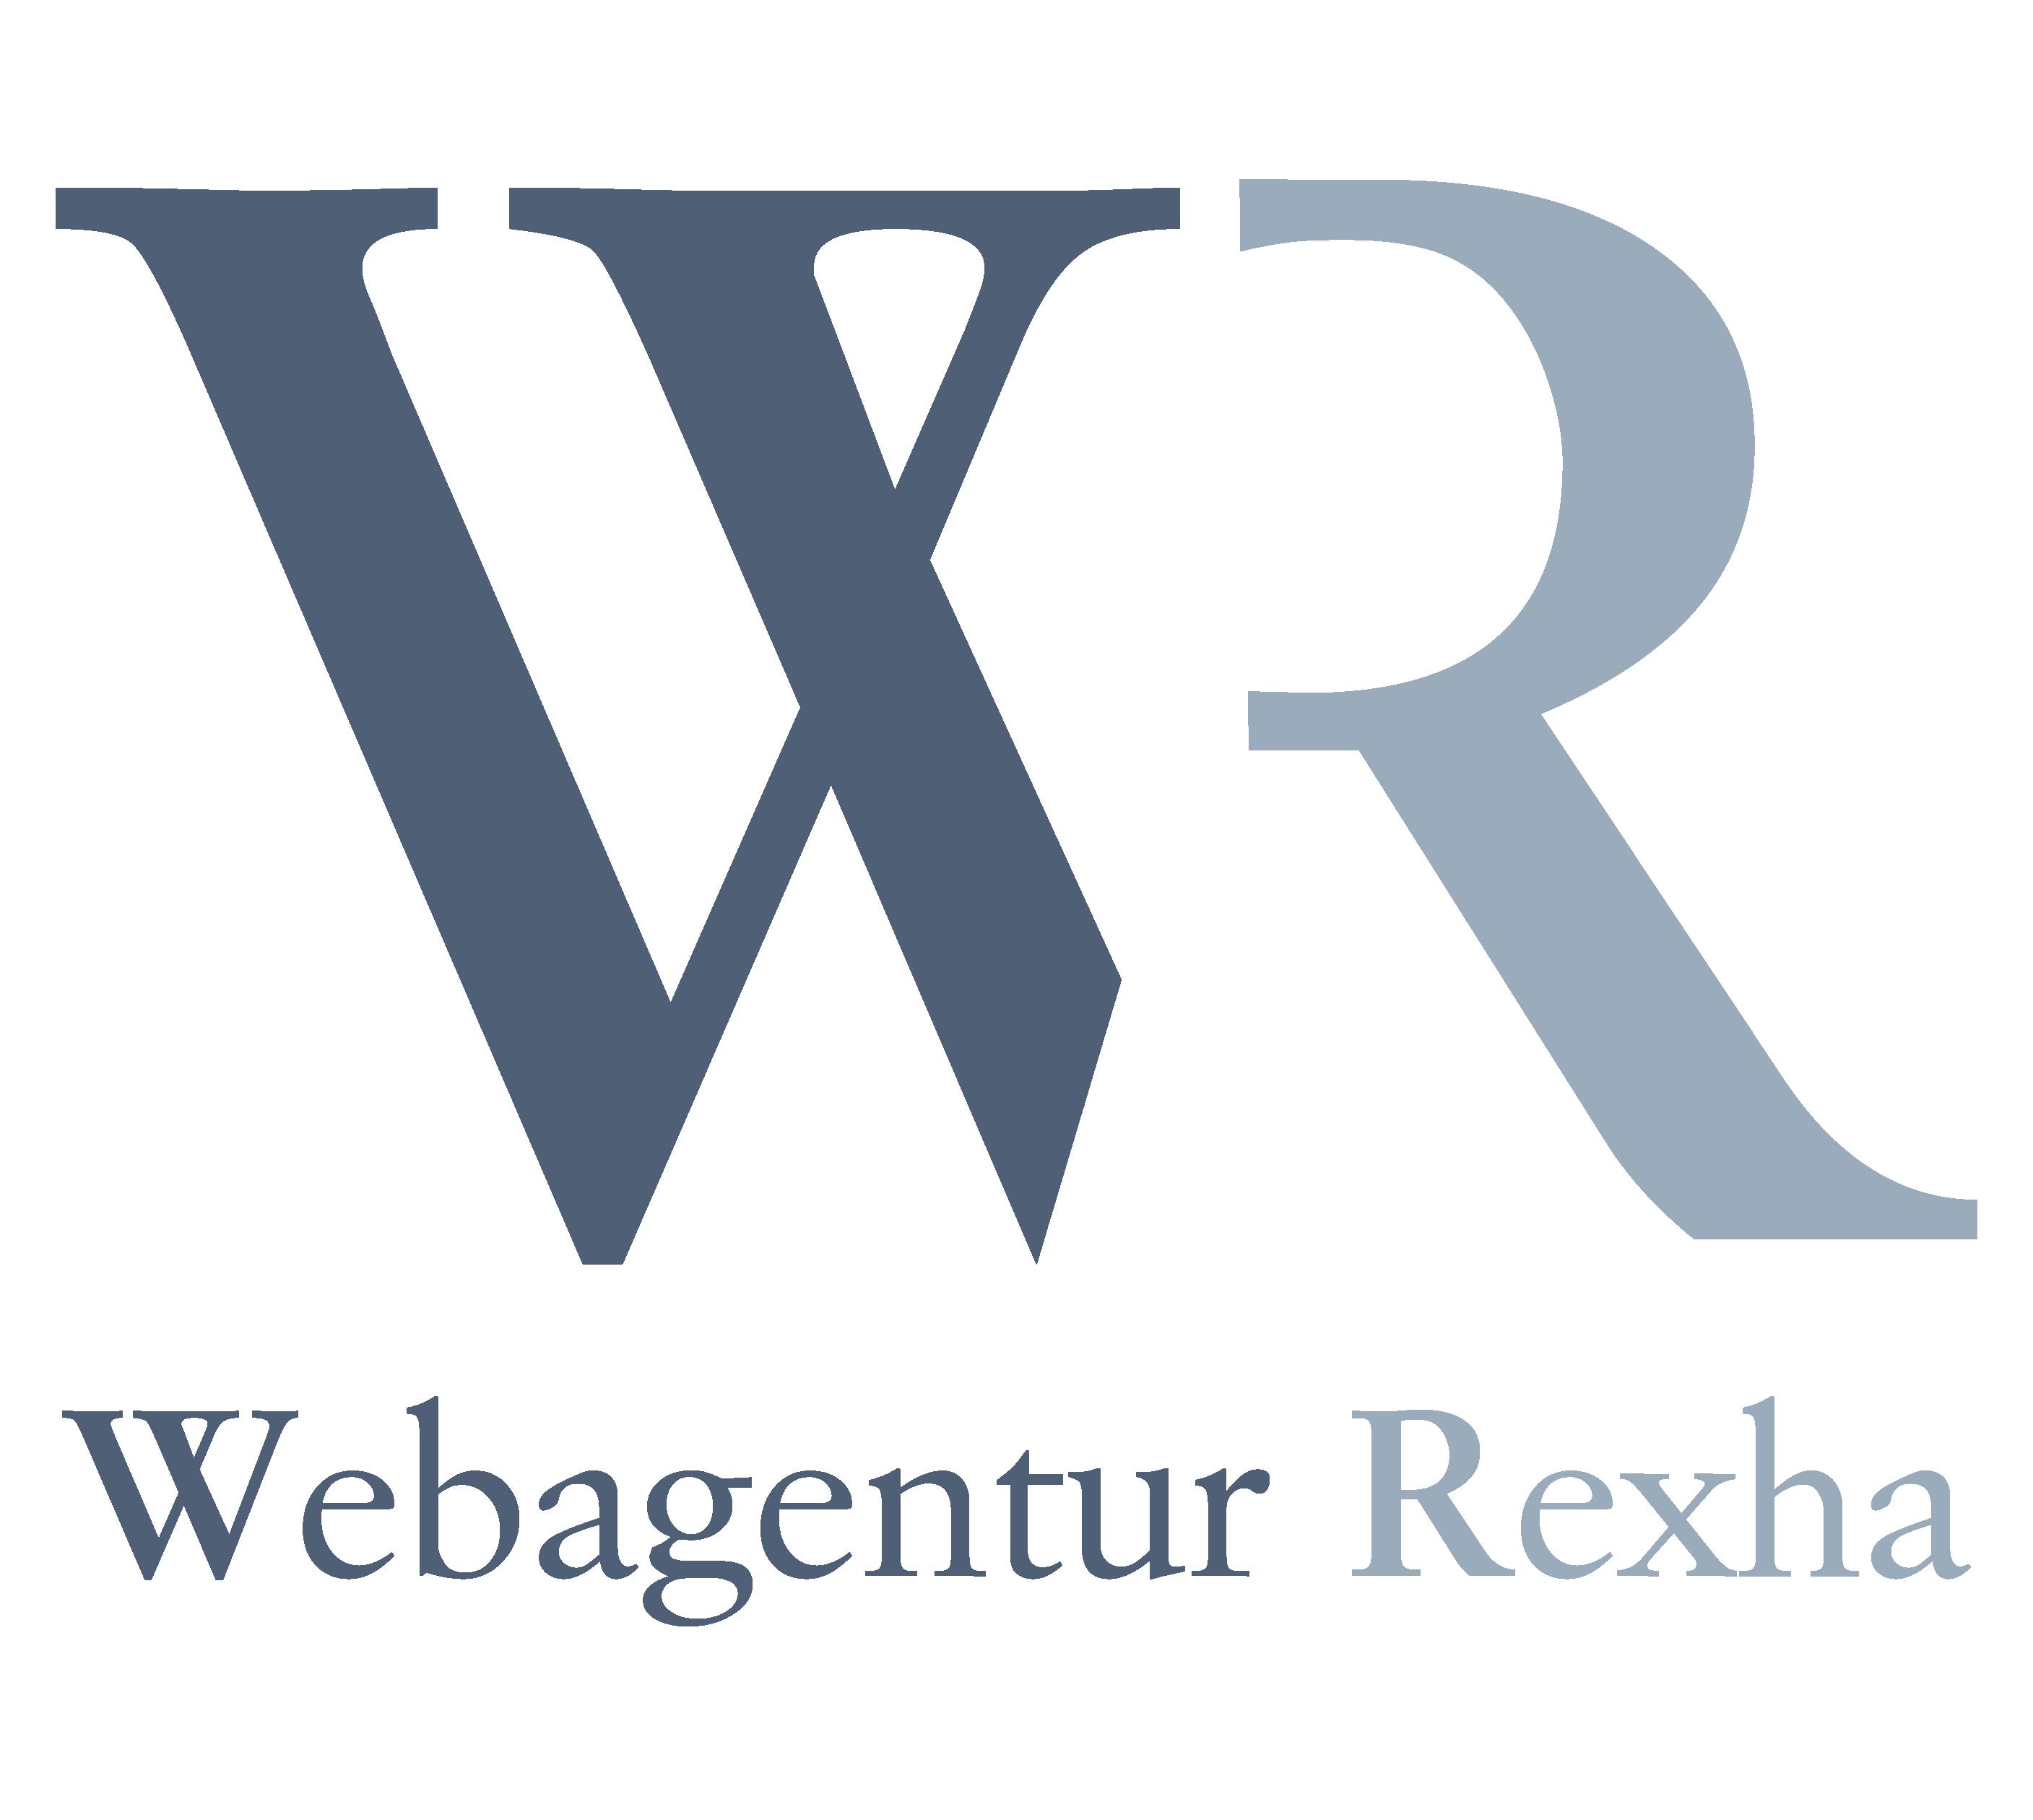 Webagentur Rexha